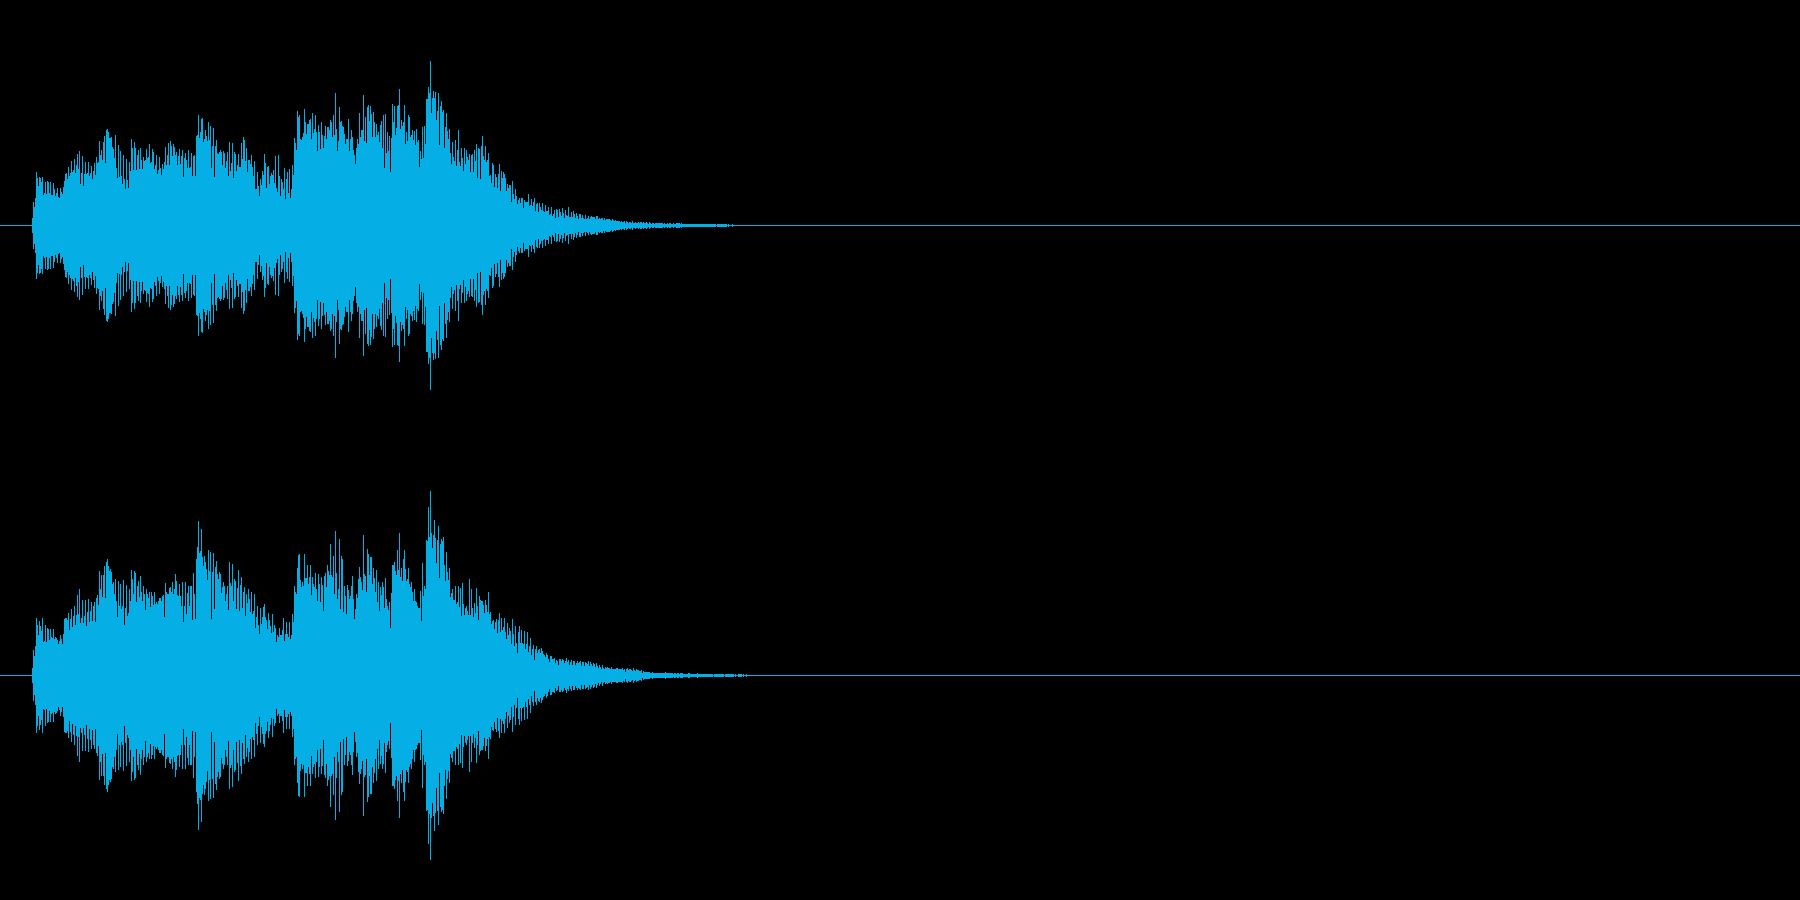 ジングル(お天気情報コーナー風)の再生済みの波形